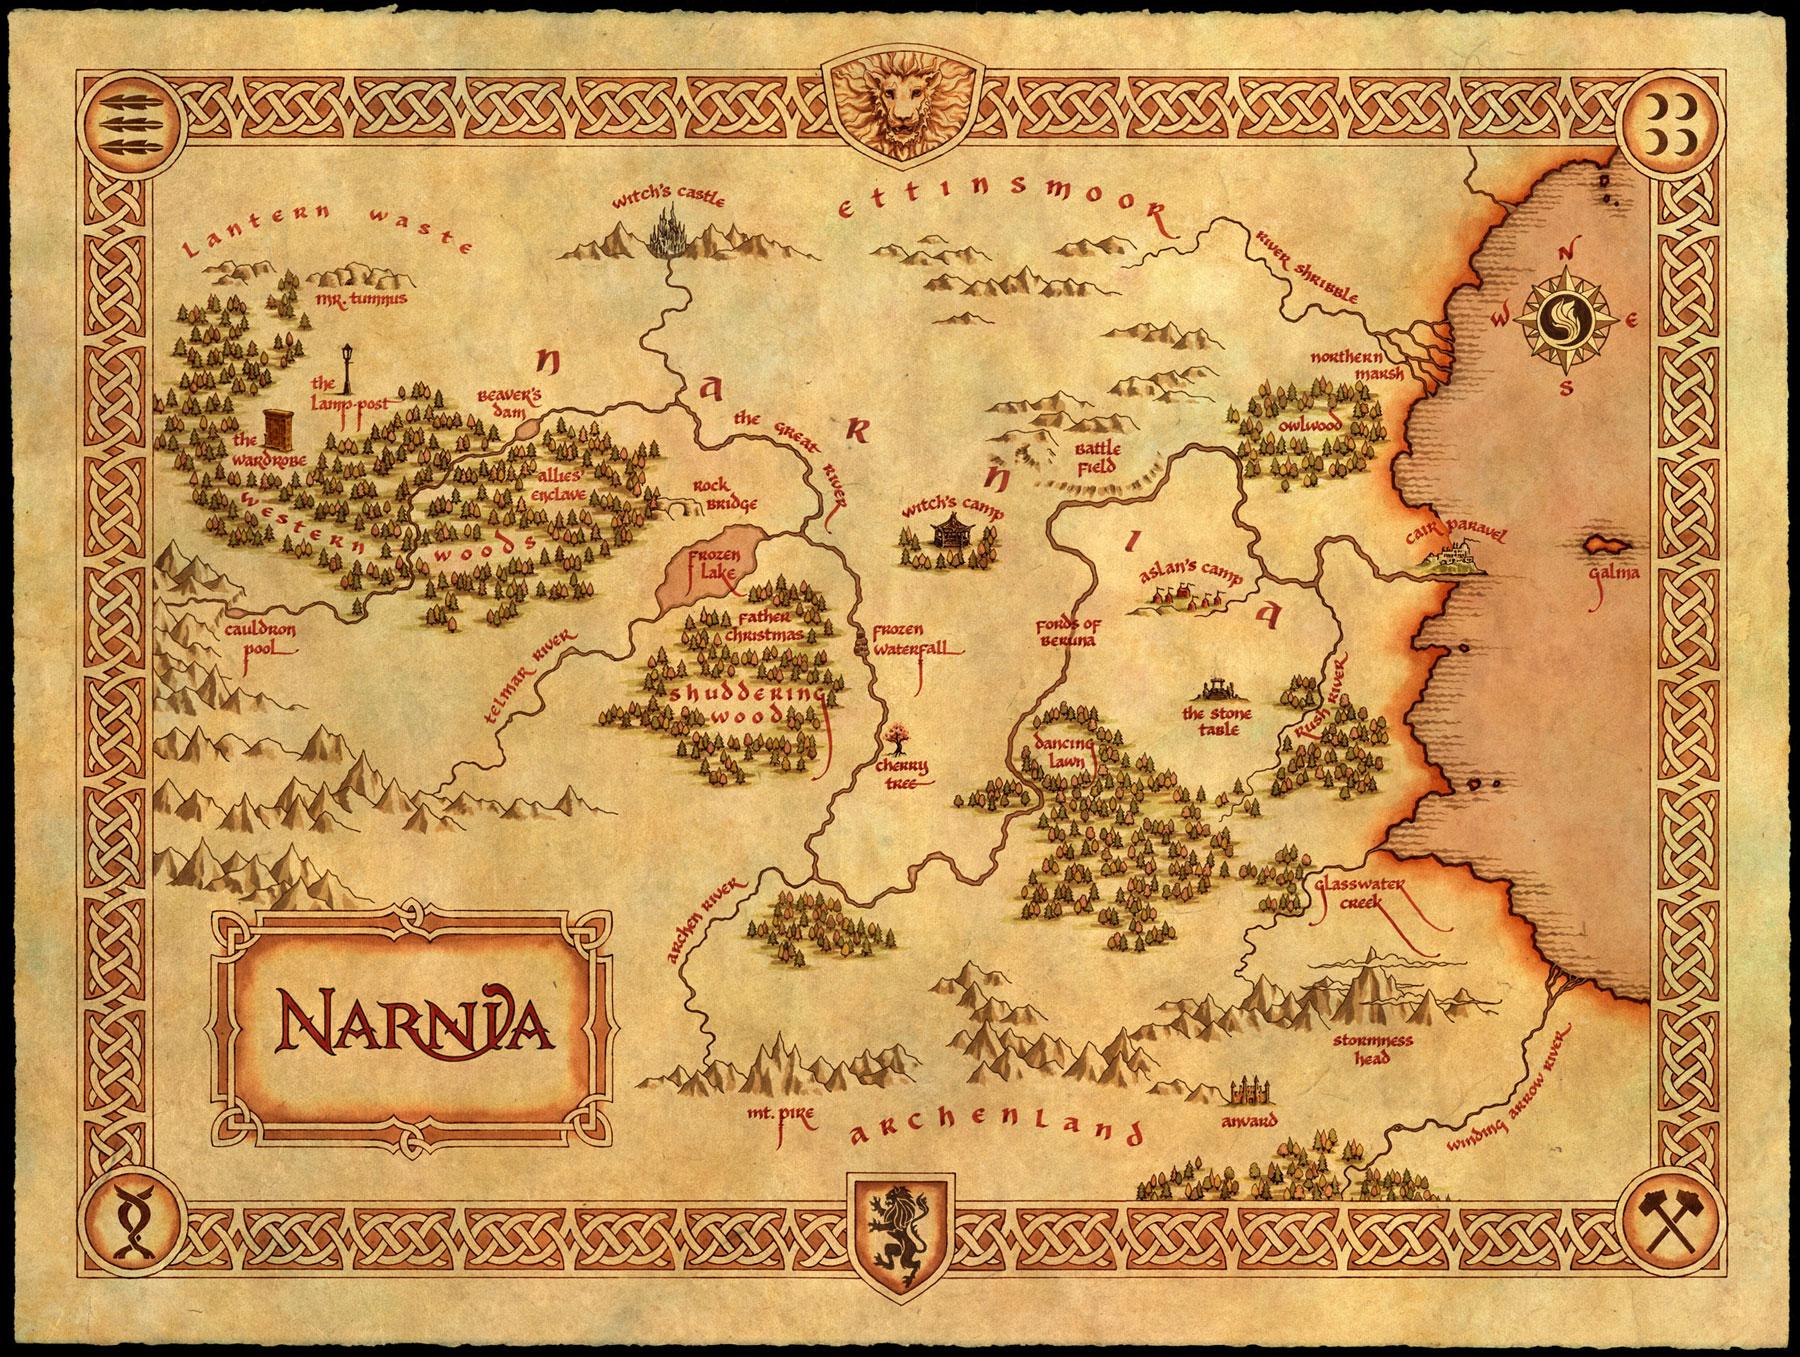 narnia-map